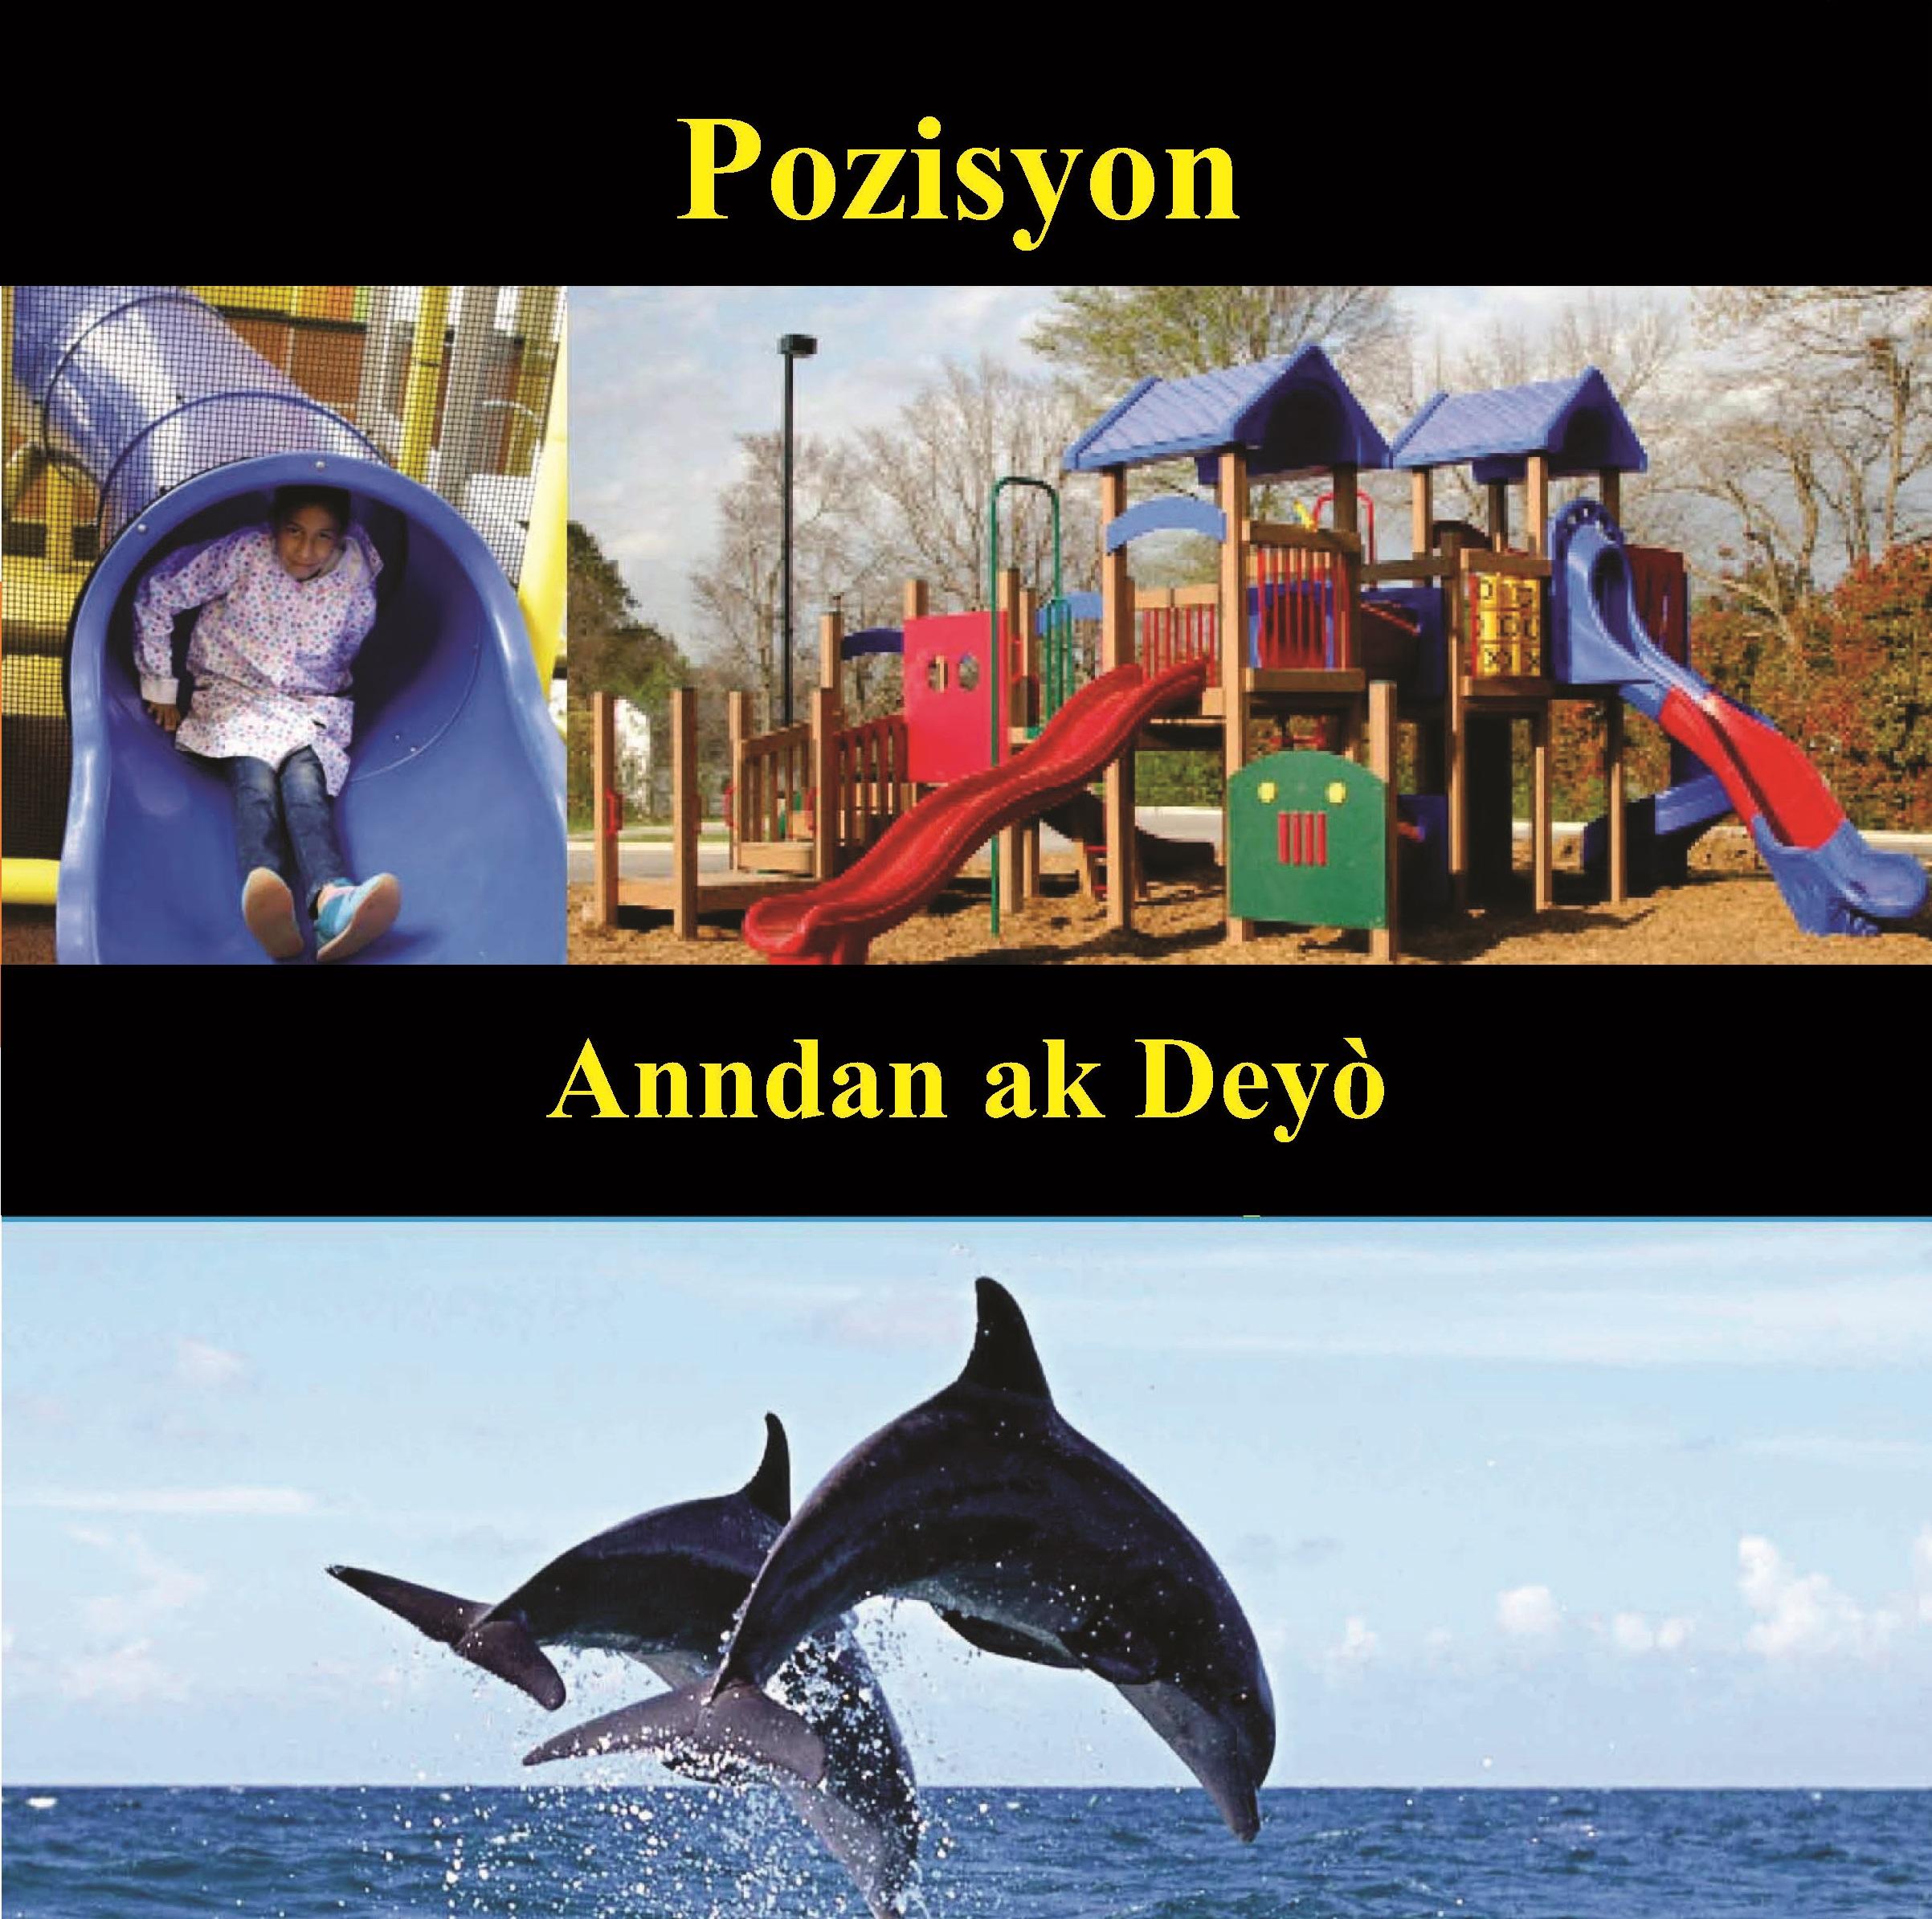 Anndan Ak Deyò